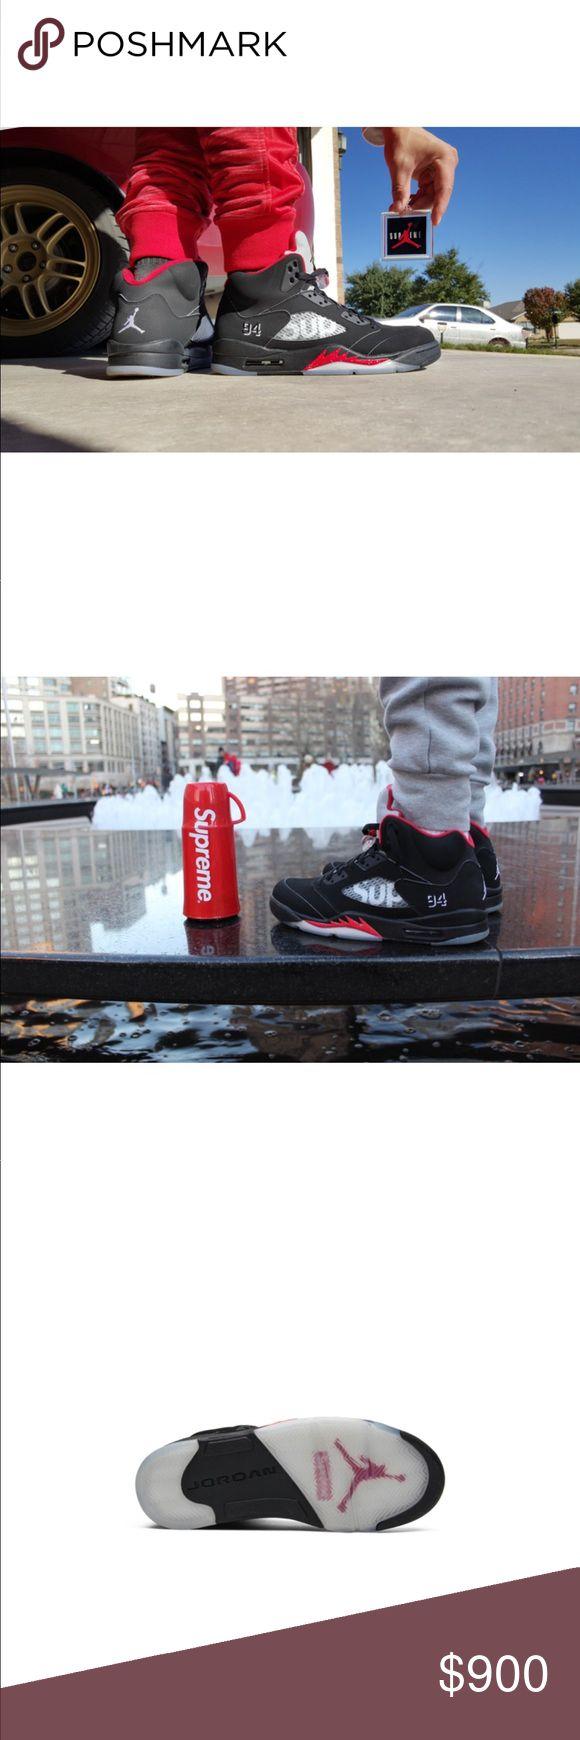 Supreme X Air Jordan 5 Retro Black Supreme X Air Jordan 5 Retro Black Supreme X Air Jordan 5 Retro Black Shoes Sneakers